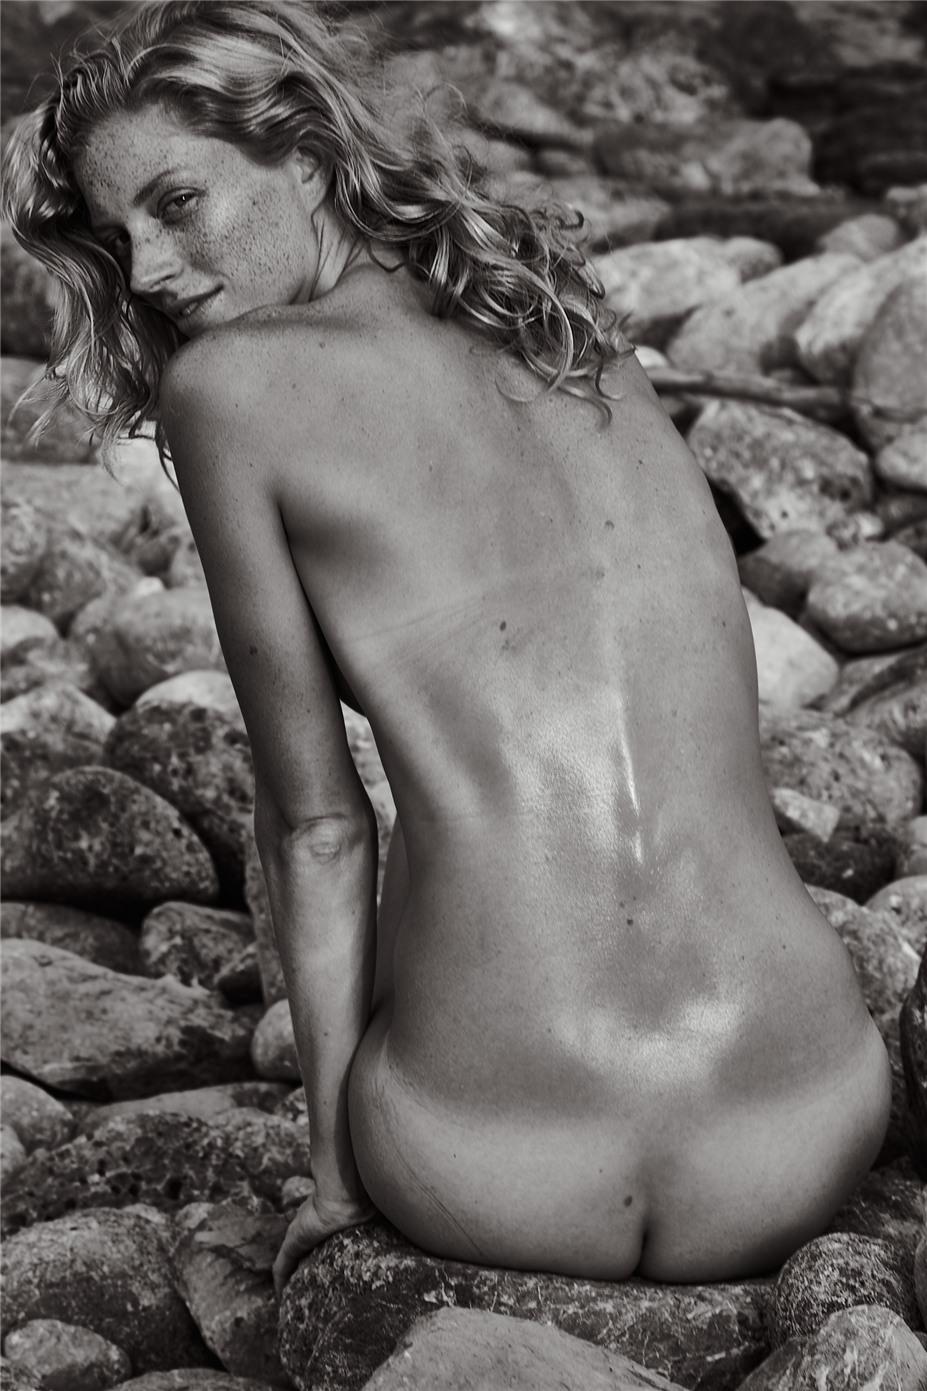 Обнаженные девушки на пляжах Ибицы / Ibiza Nudes by Diane Betties - Quinta Witzel